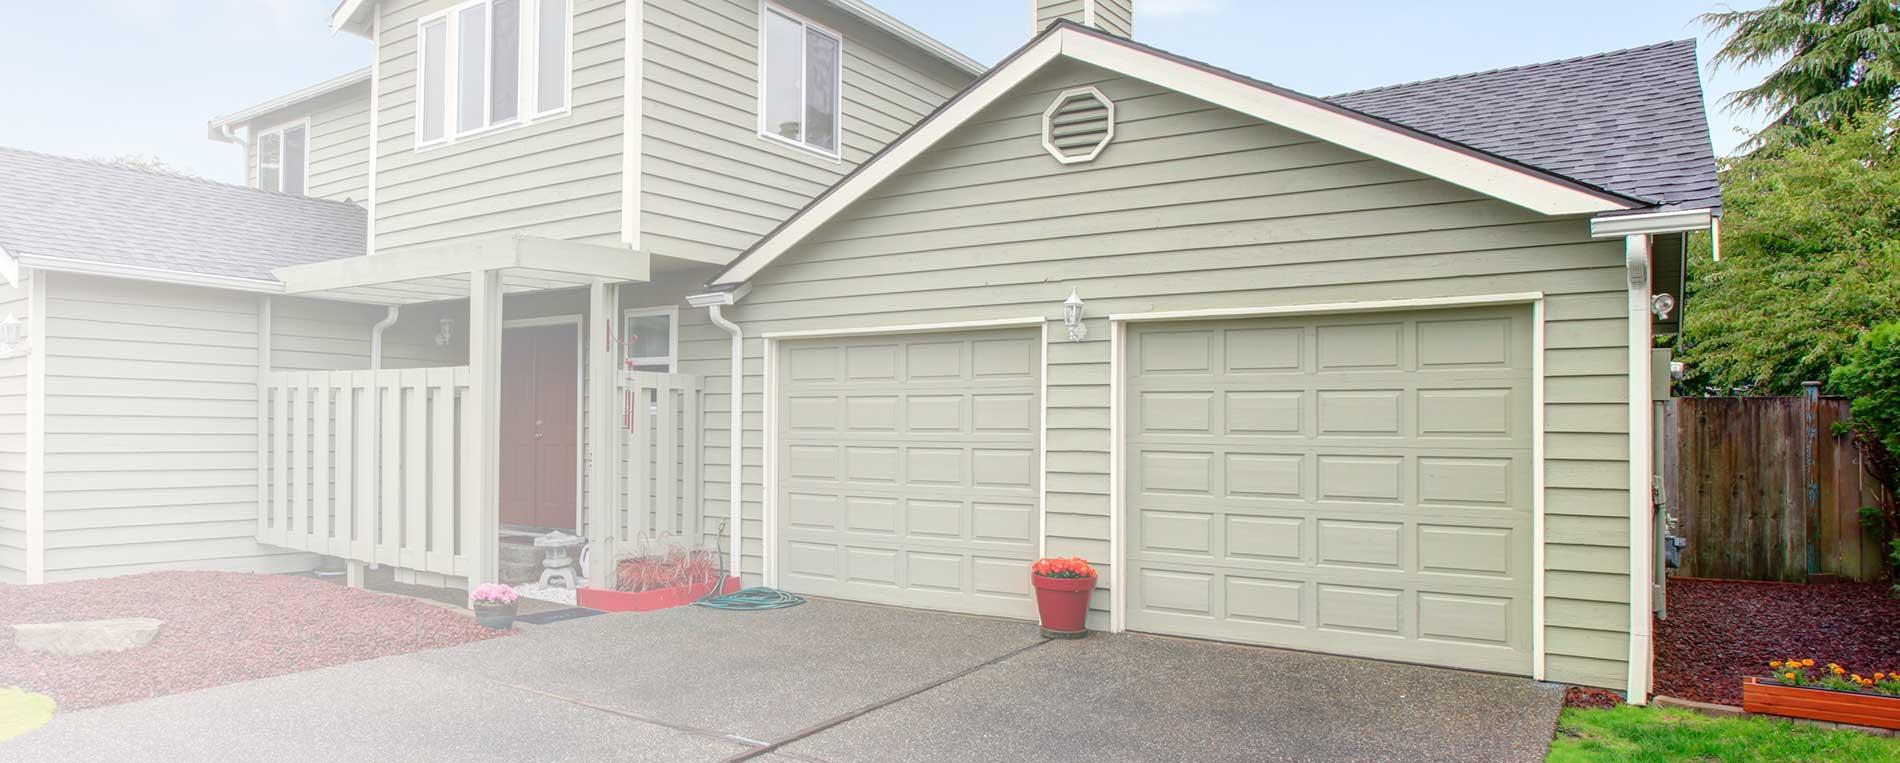 Reliable Garage Door Repair Services